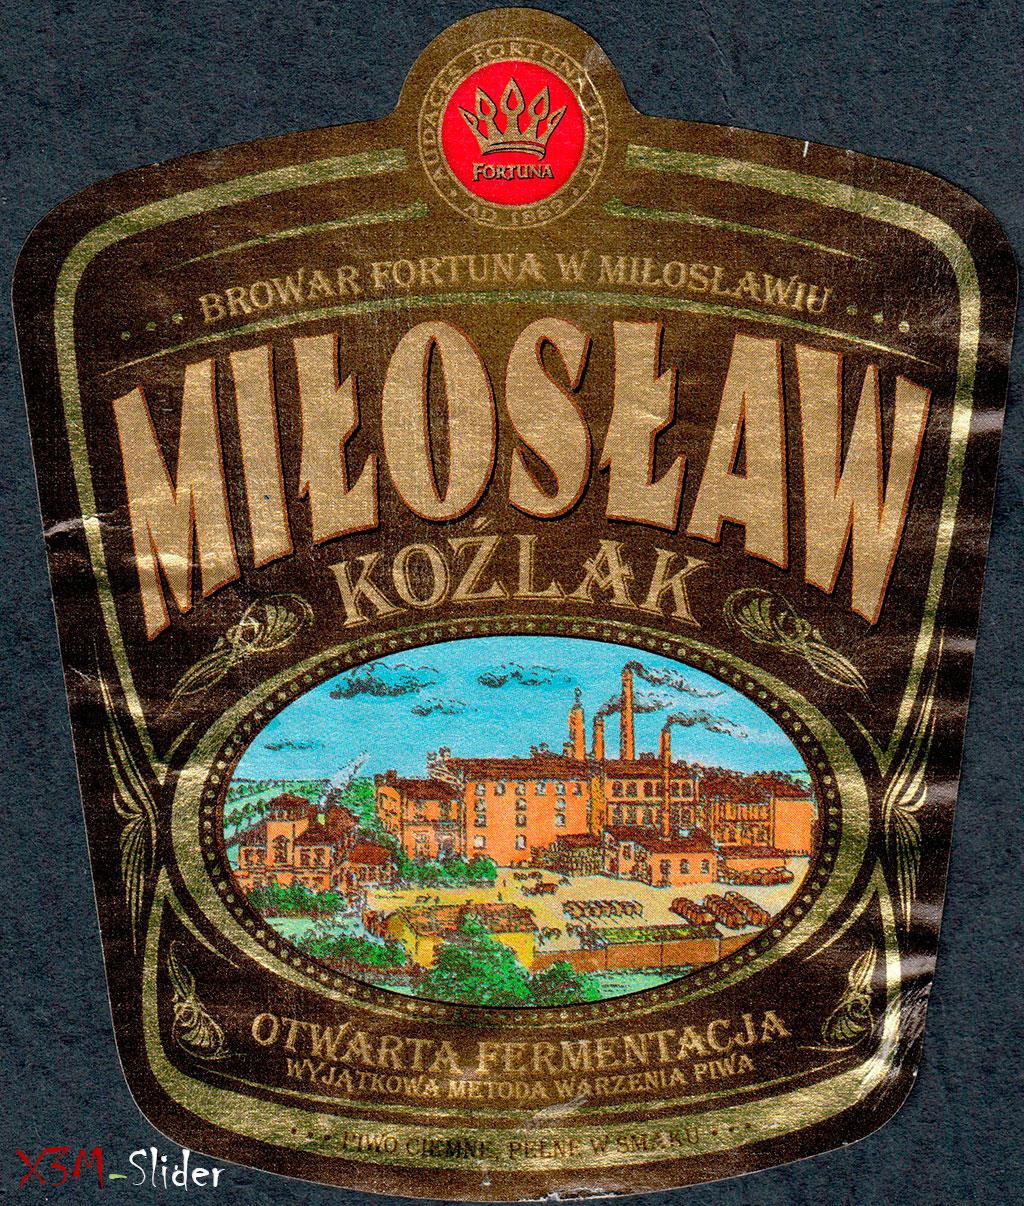 Miloslaw Kozlak